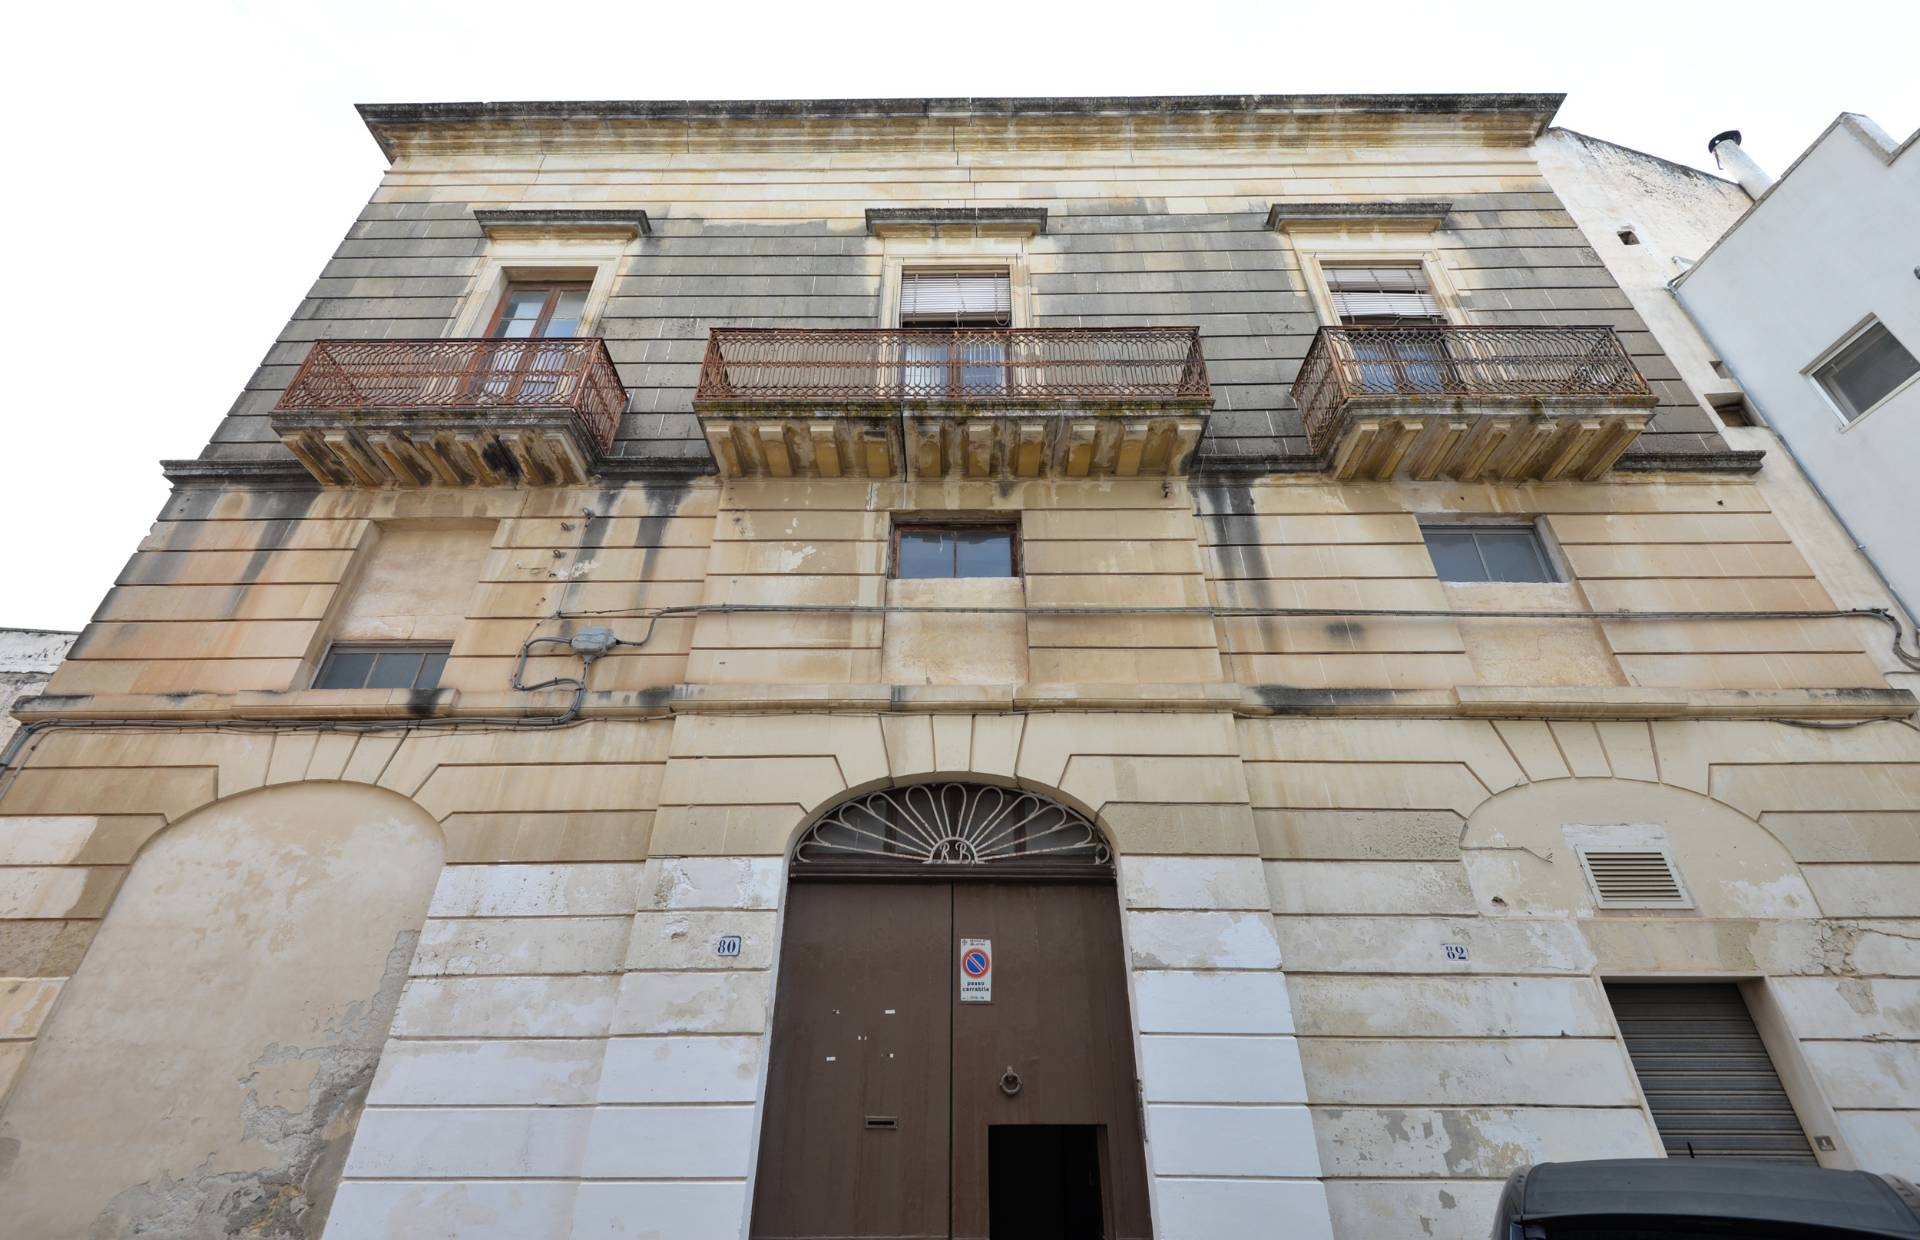 Palazzo / Stabile in vendita a Galatina, 8 locali, prezzo € 185.000 | CambioCasa.it